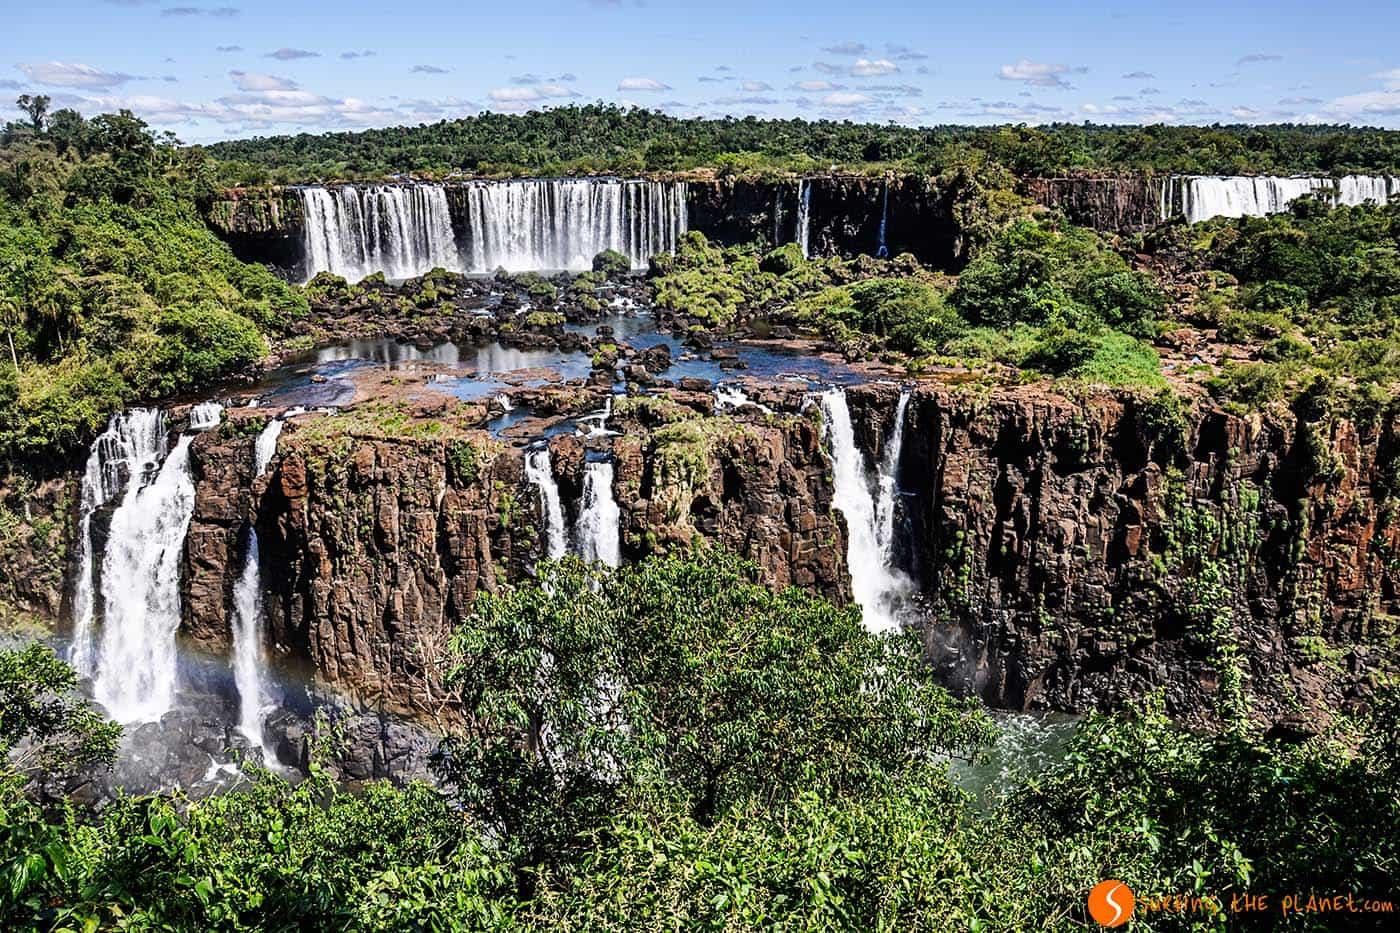 Qué hacer en las cataratas de Iguazú - Brazil